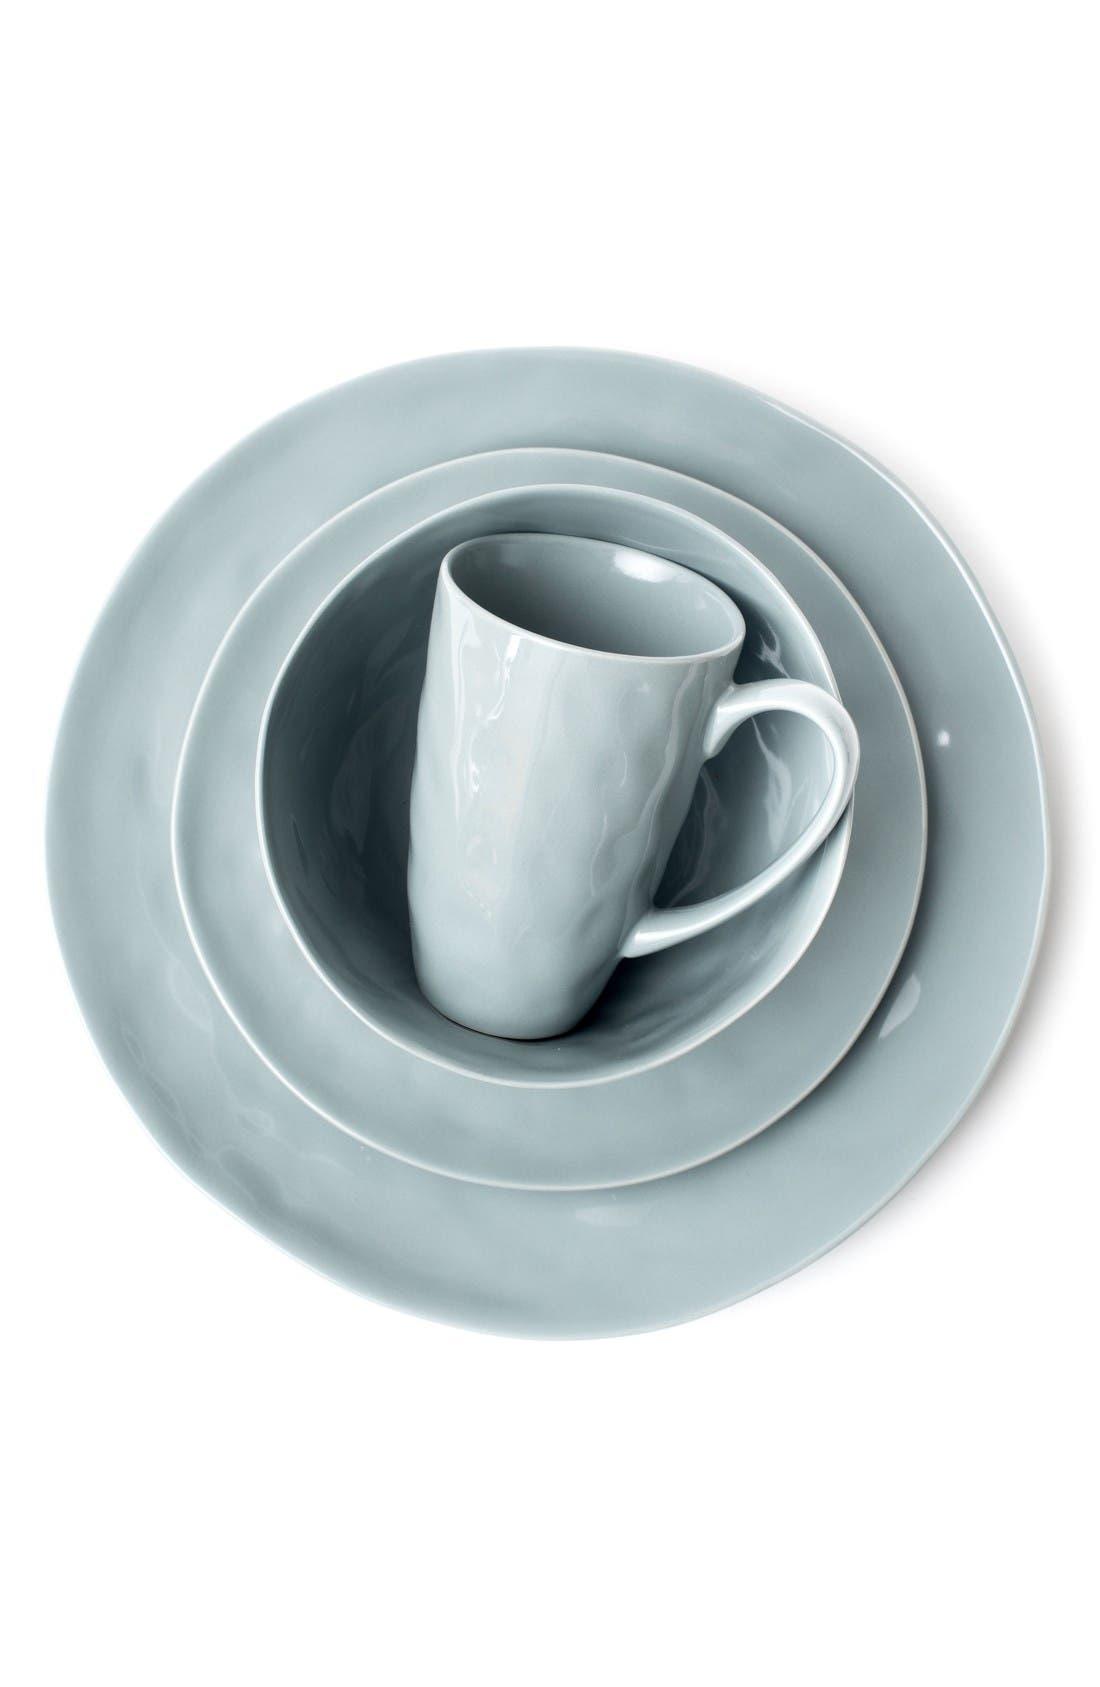 Zestt Sculptured Porcelain Dishware (Set of 16)